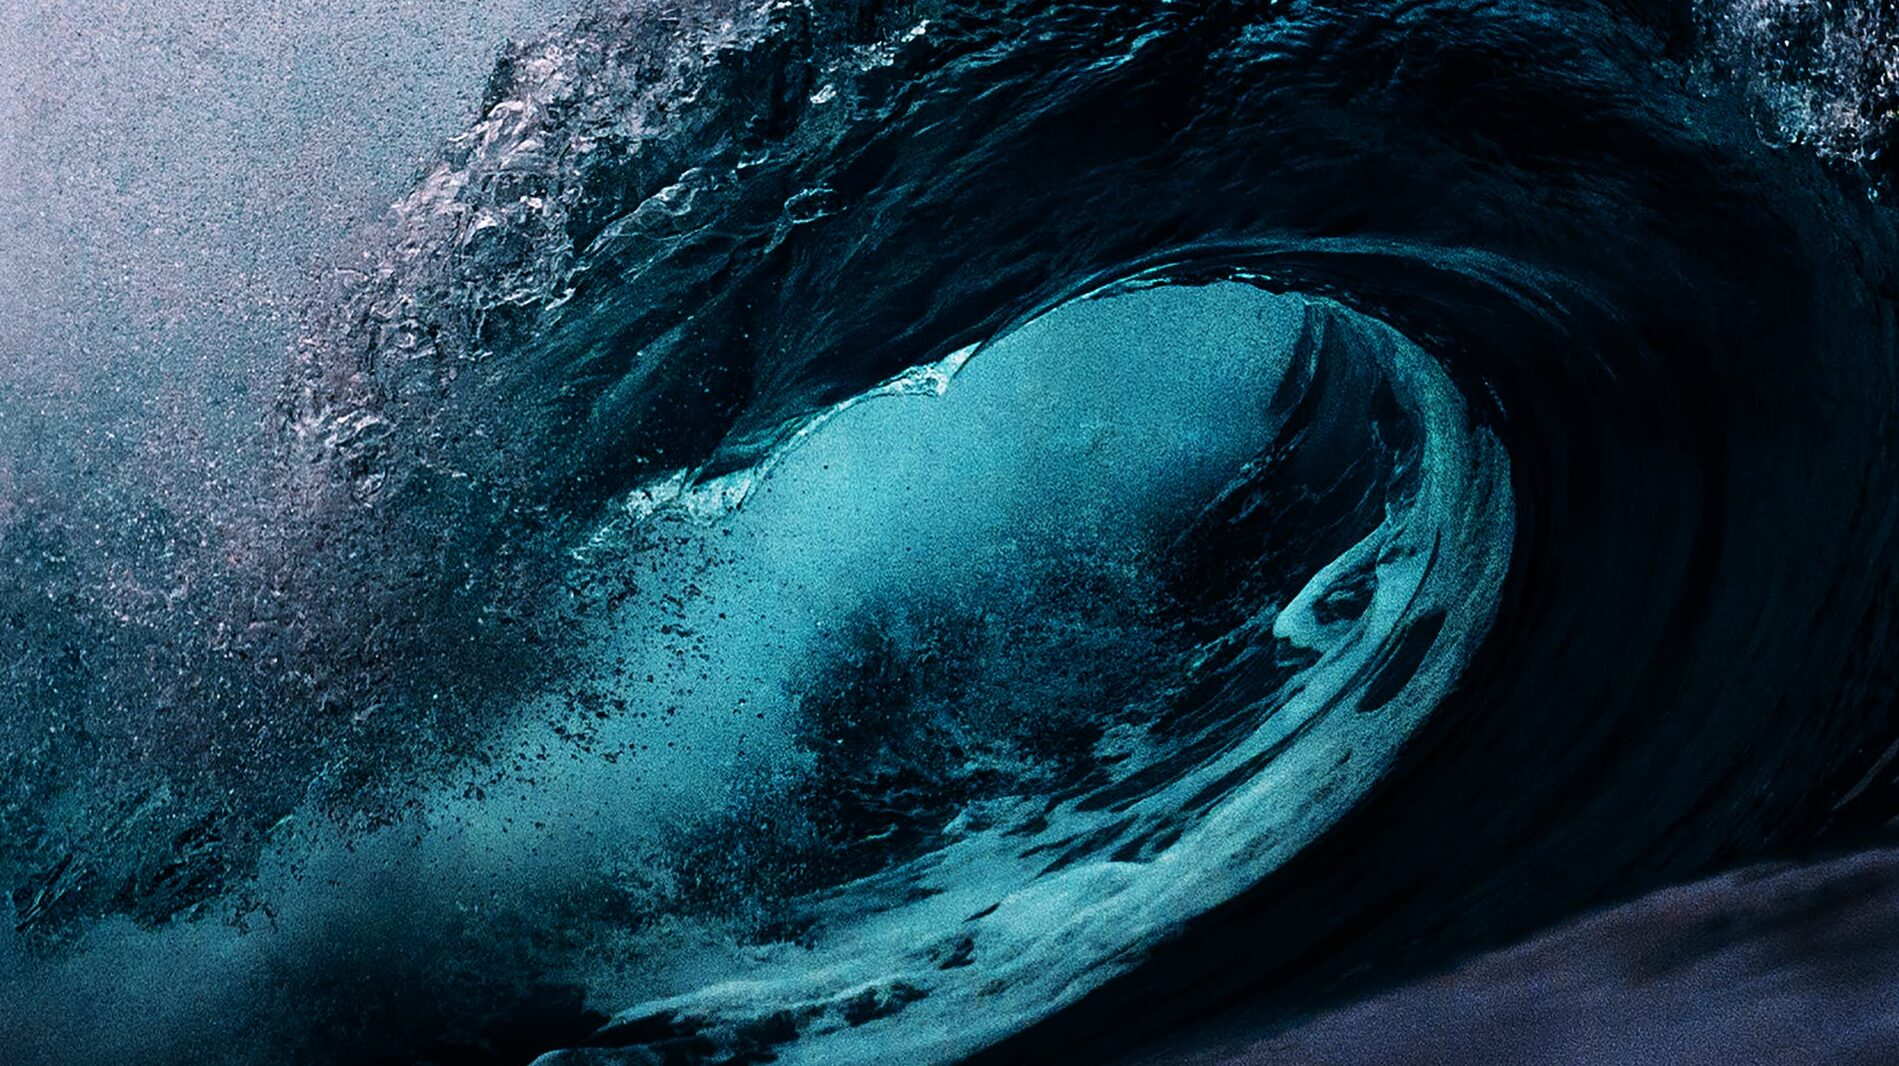 子供の水の事故・水難事故の事例から考える原因と防止対策!【ブログ2021年版】のイメージ画像1